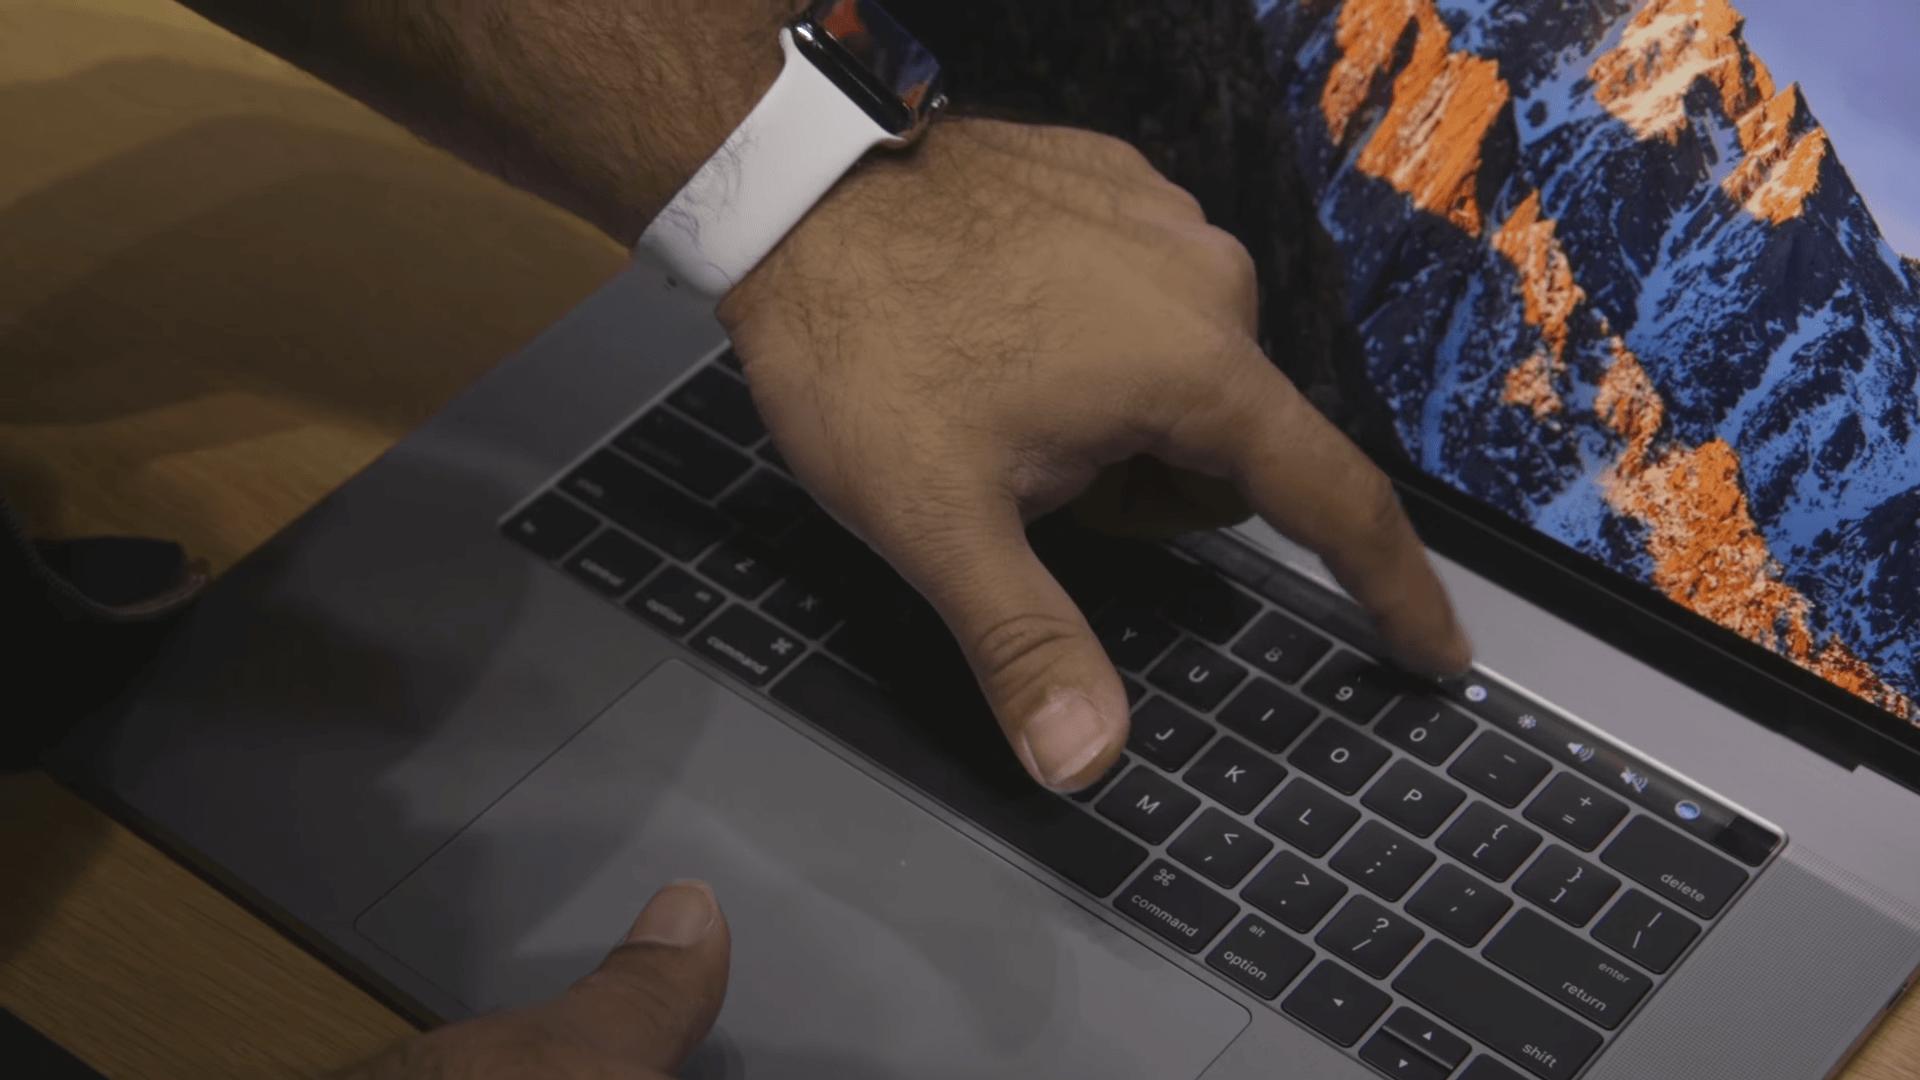 Nuovi MacBook Pro presentati ufficialmente